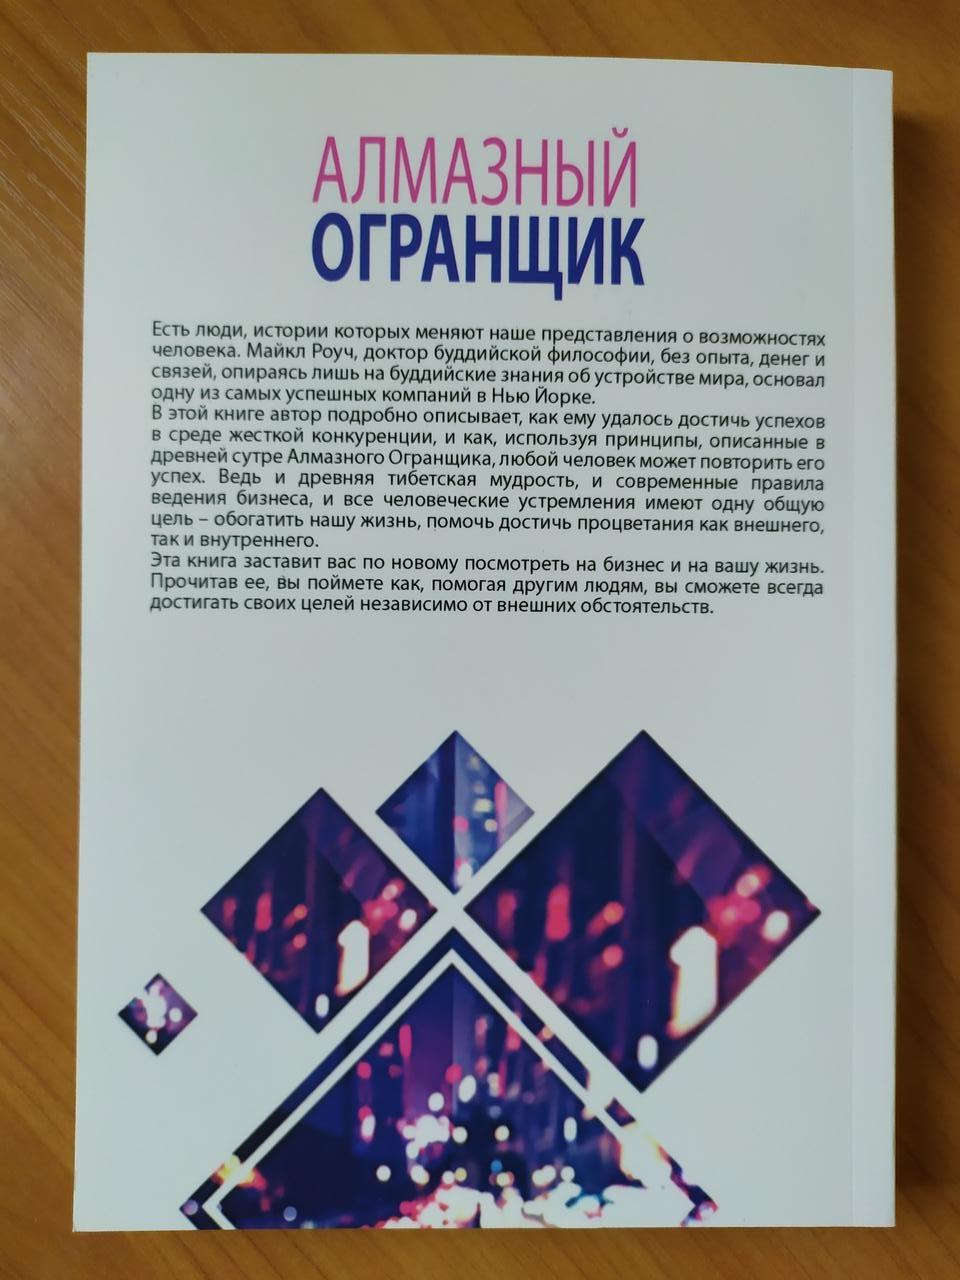 майкл роуч алмазный огранщик система управления бизнесом и жизнью в категории бизнес книги на Bigl Ua 1124391270